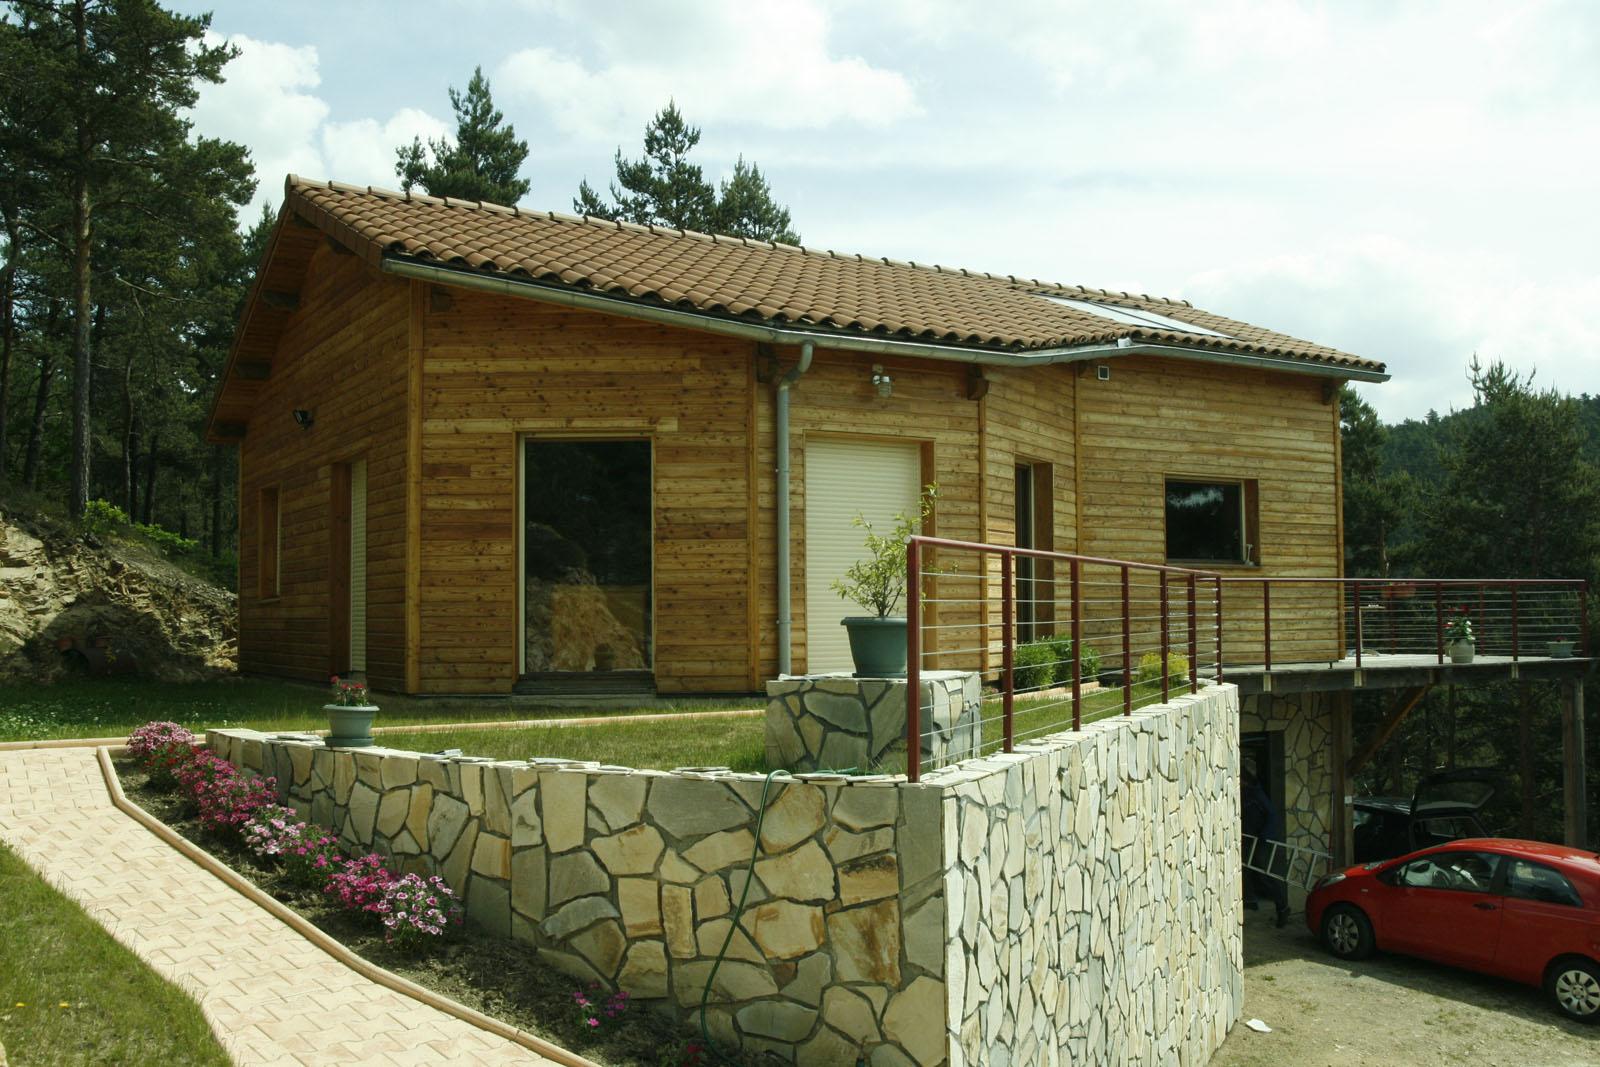 Maison Poteau poutre Contemporaine avec Bardage en douglas et Terrasse suspendue